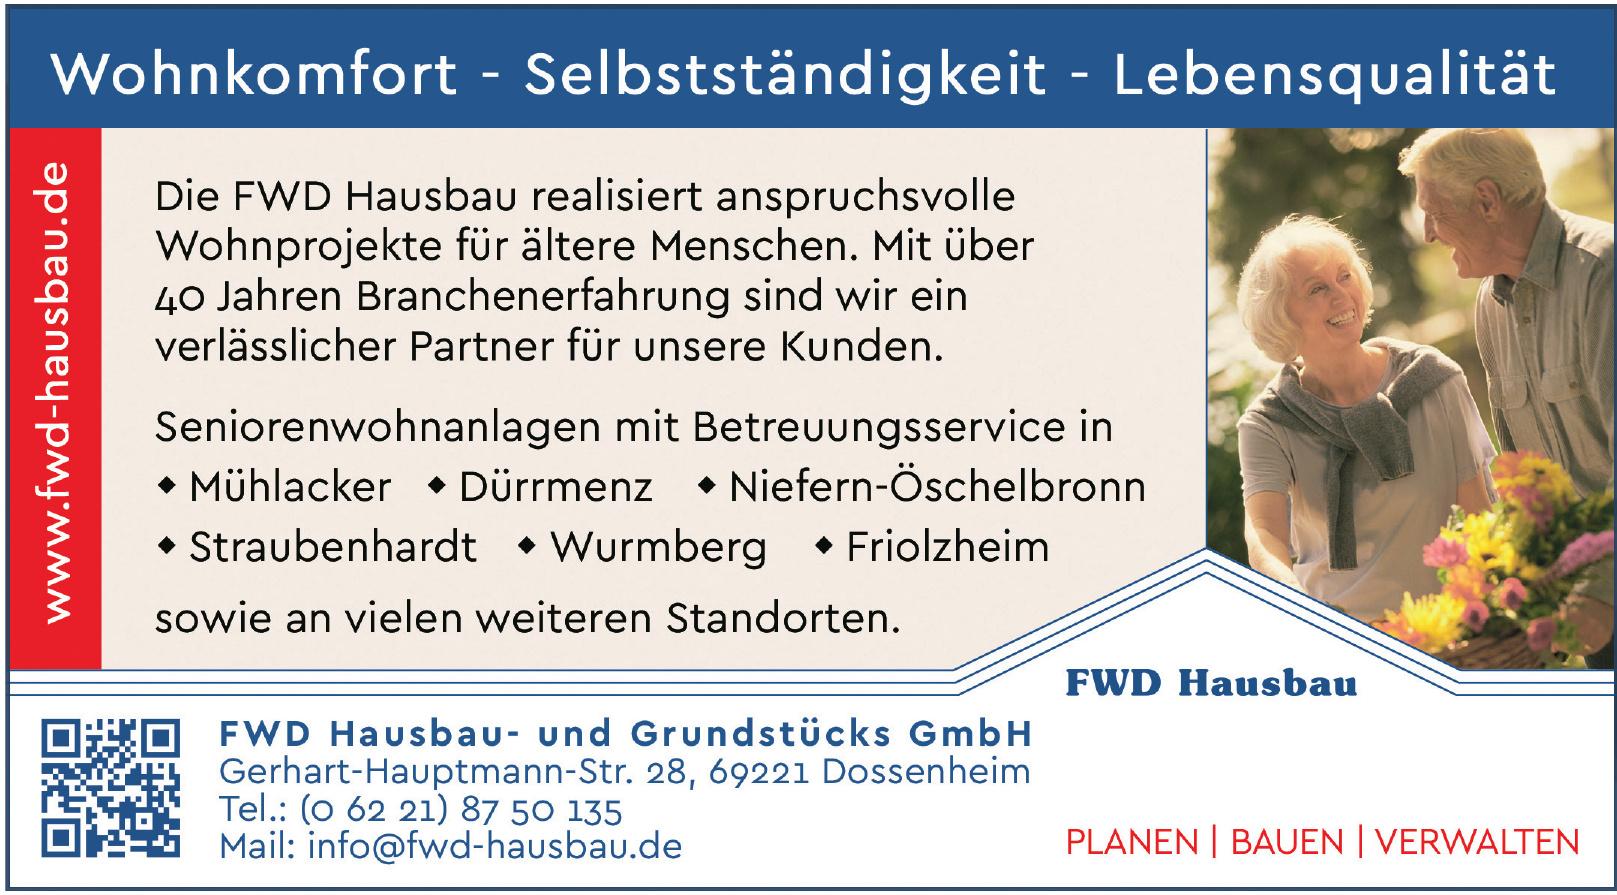 FWD Hausbau